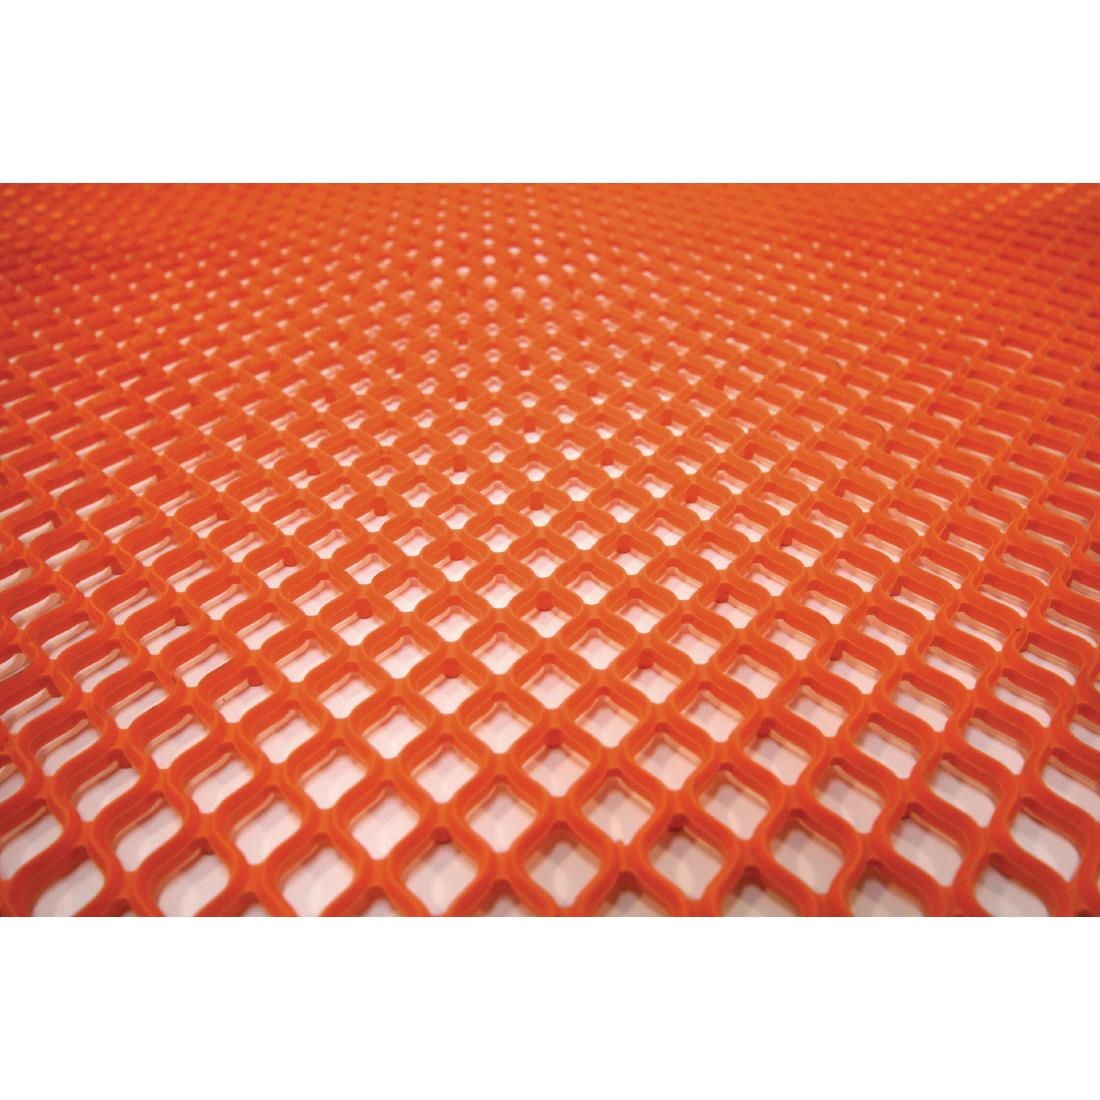 COBA Non-Slip Drainage Mat (GH608)